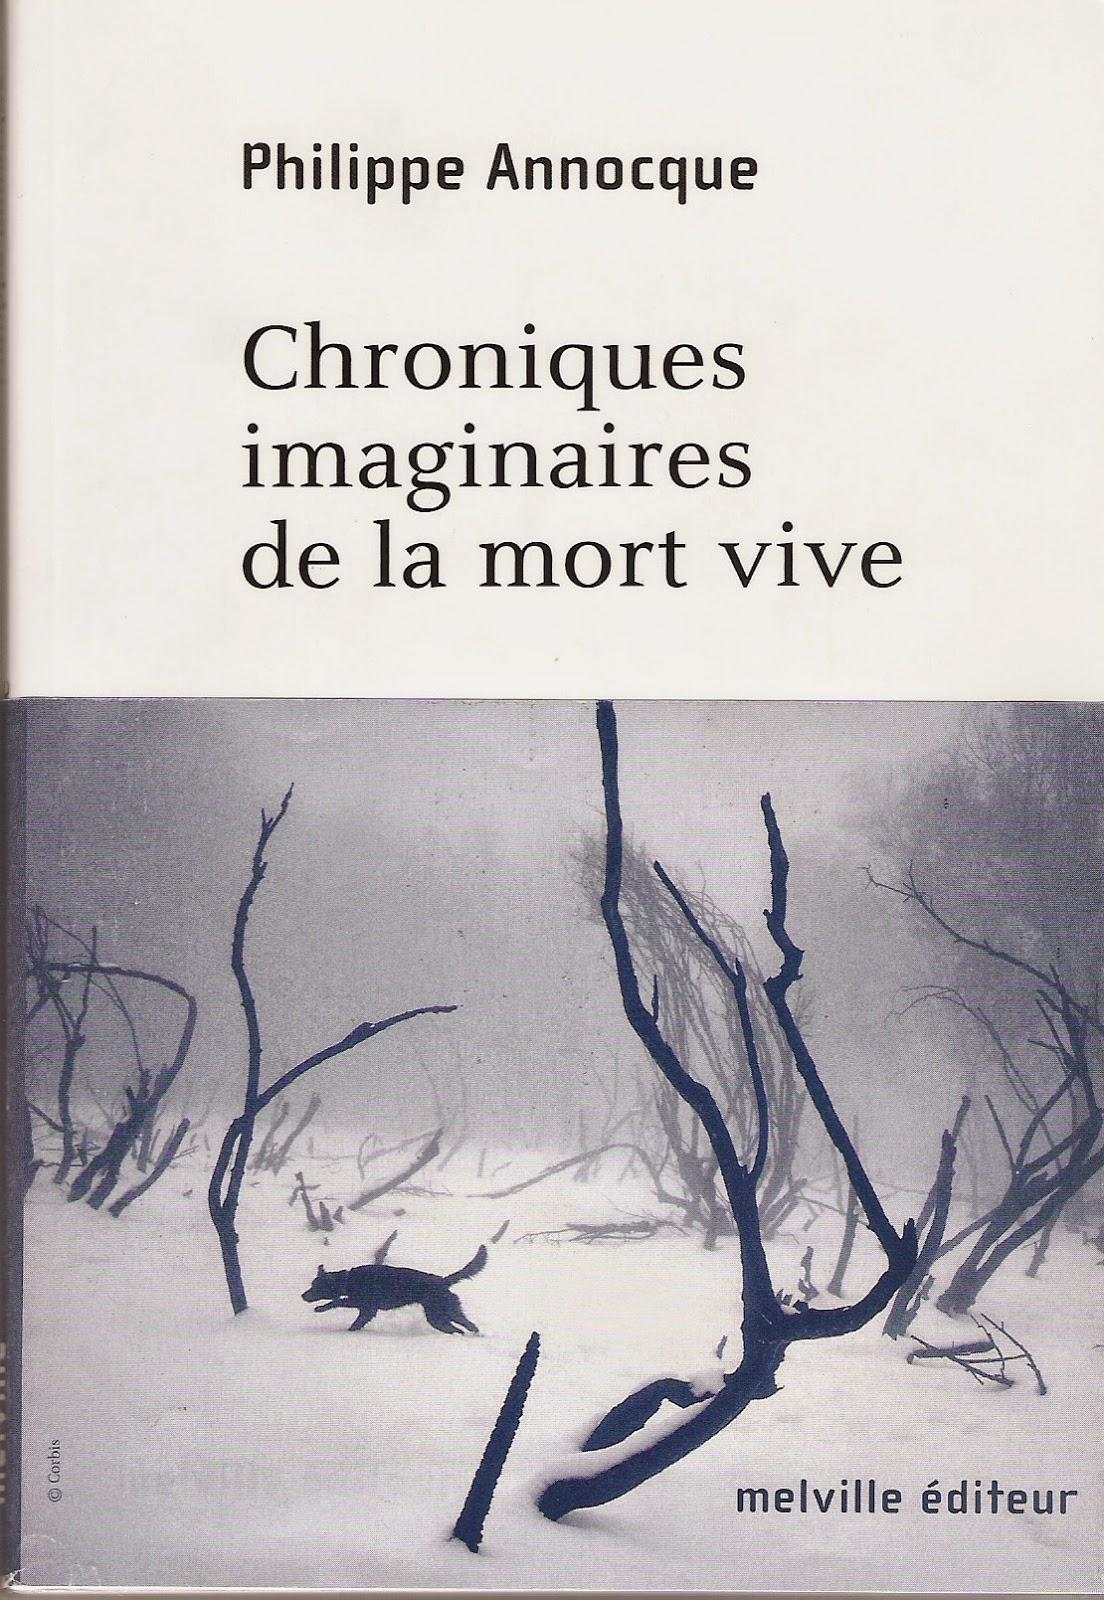 http://hublots2.blogspot.fr/p/chroniques-imaginaires-de-la-mort-vive.html